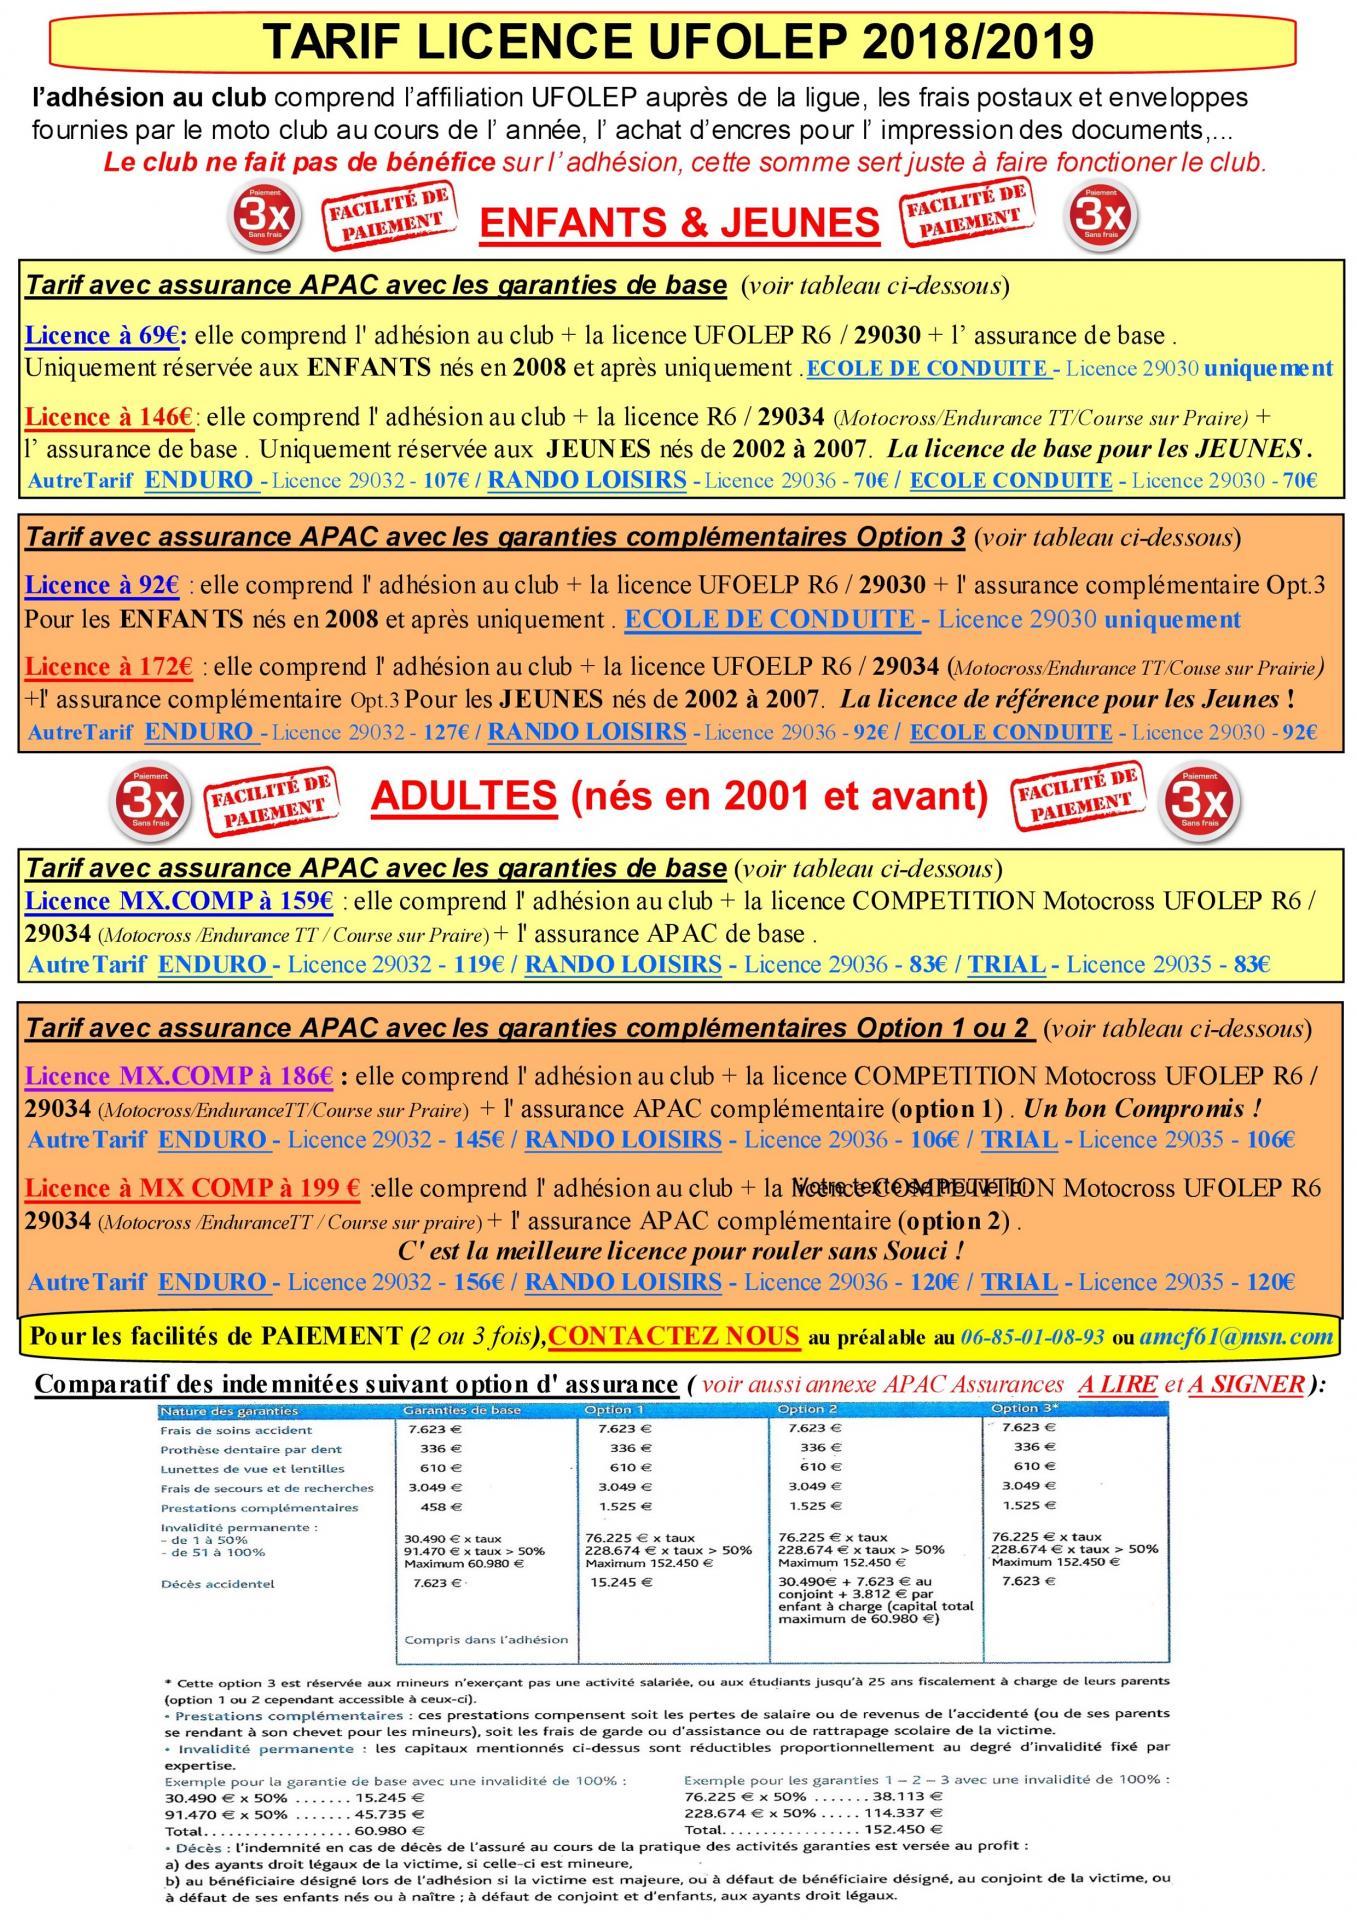 Obtenir une licence UFOLEP de motocross ou enduro 2019/2020